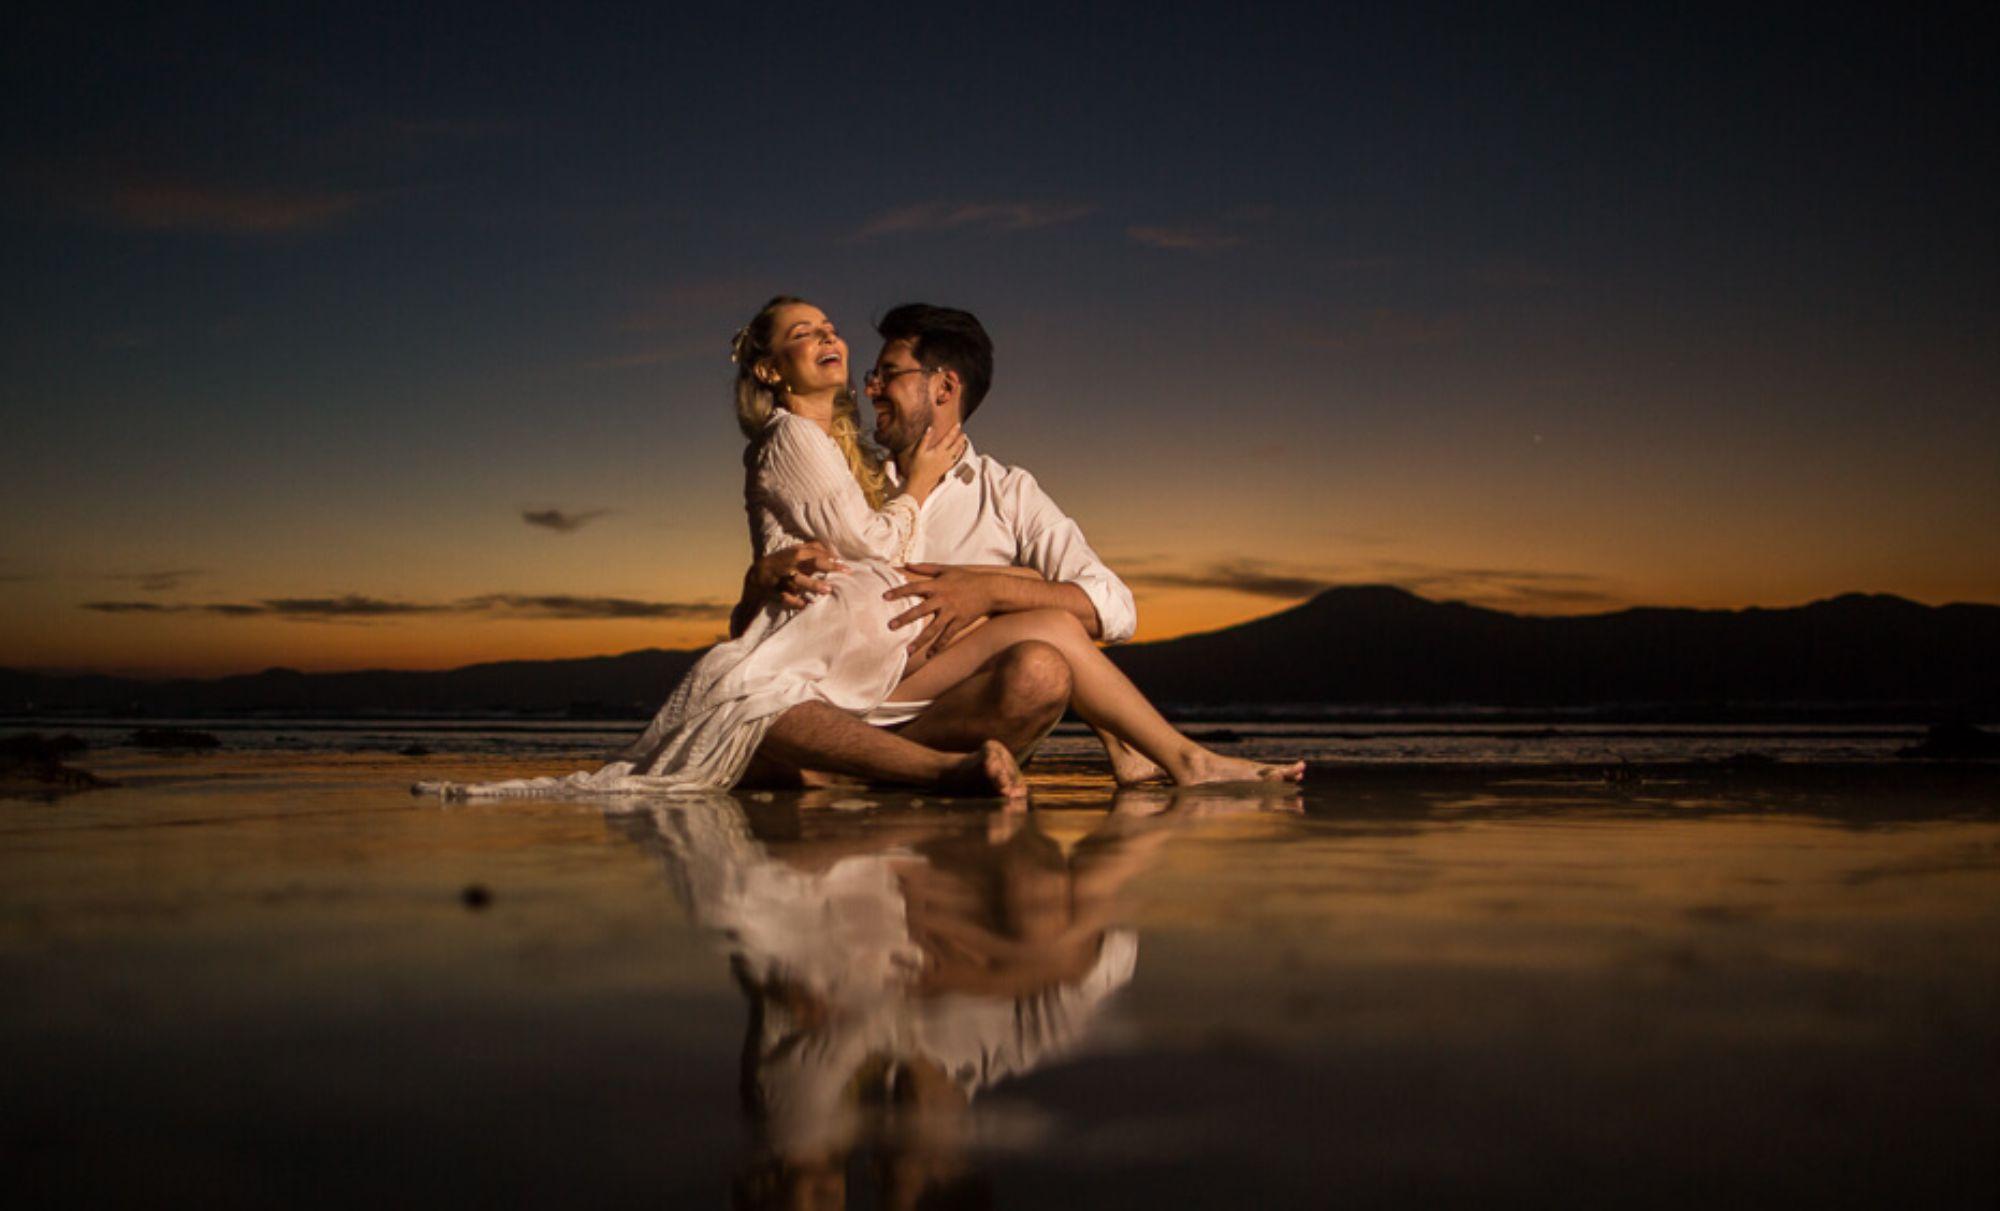 Ensaio na praia   Foto: Milena Reinert